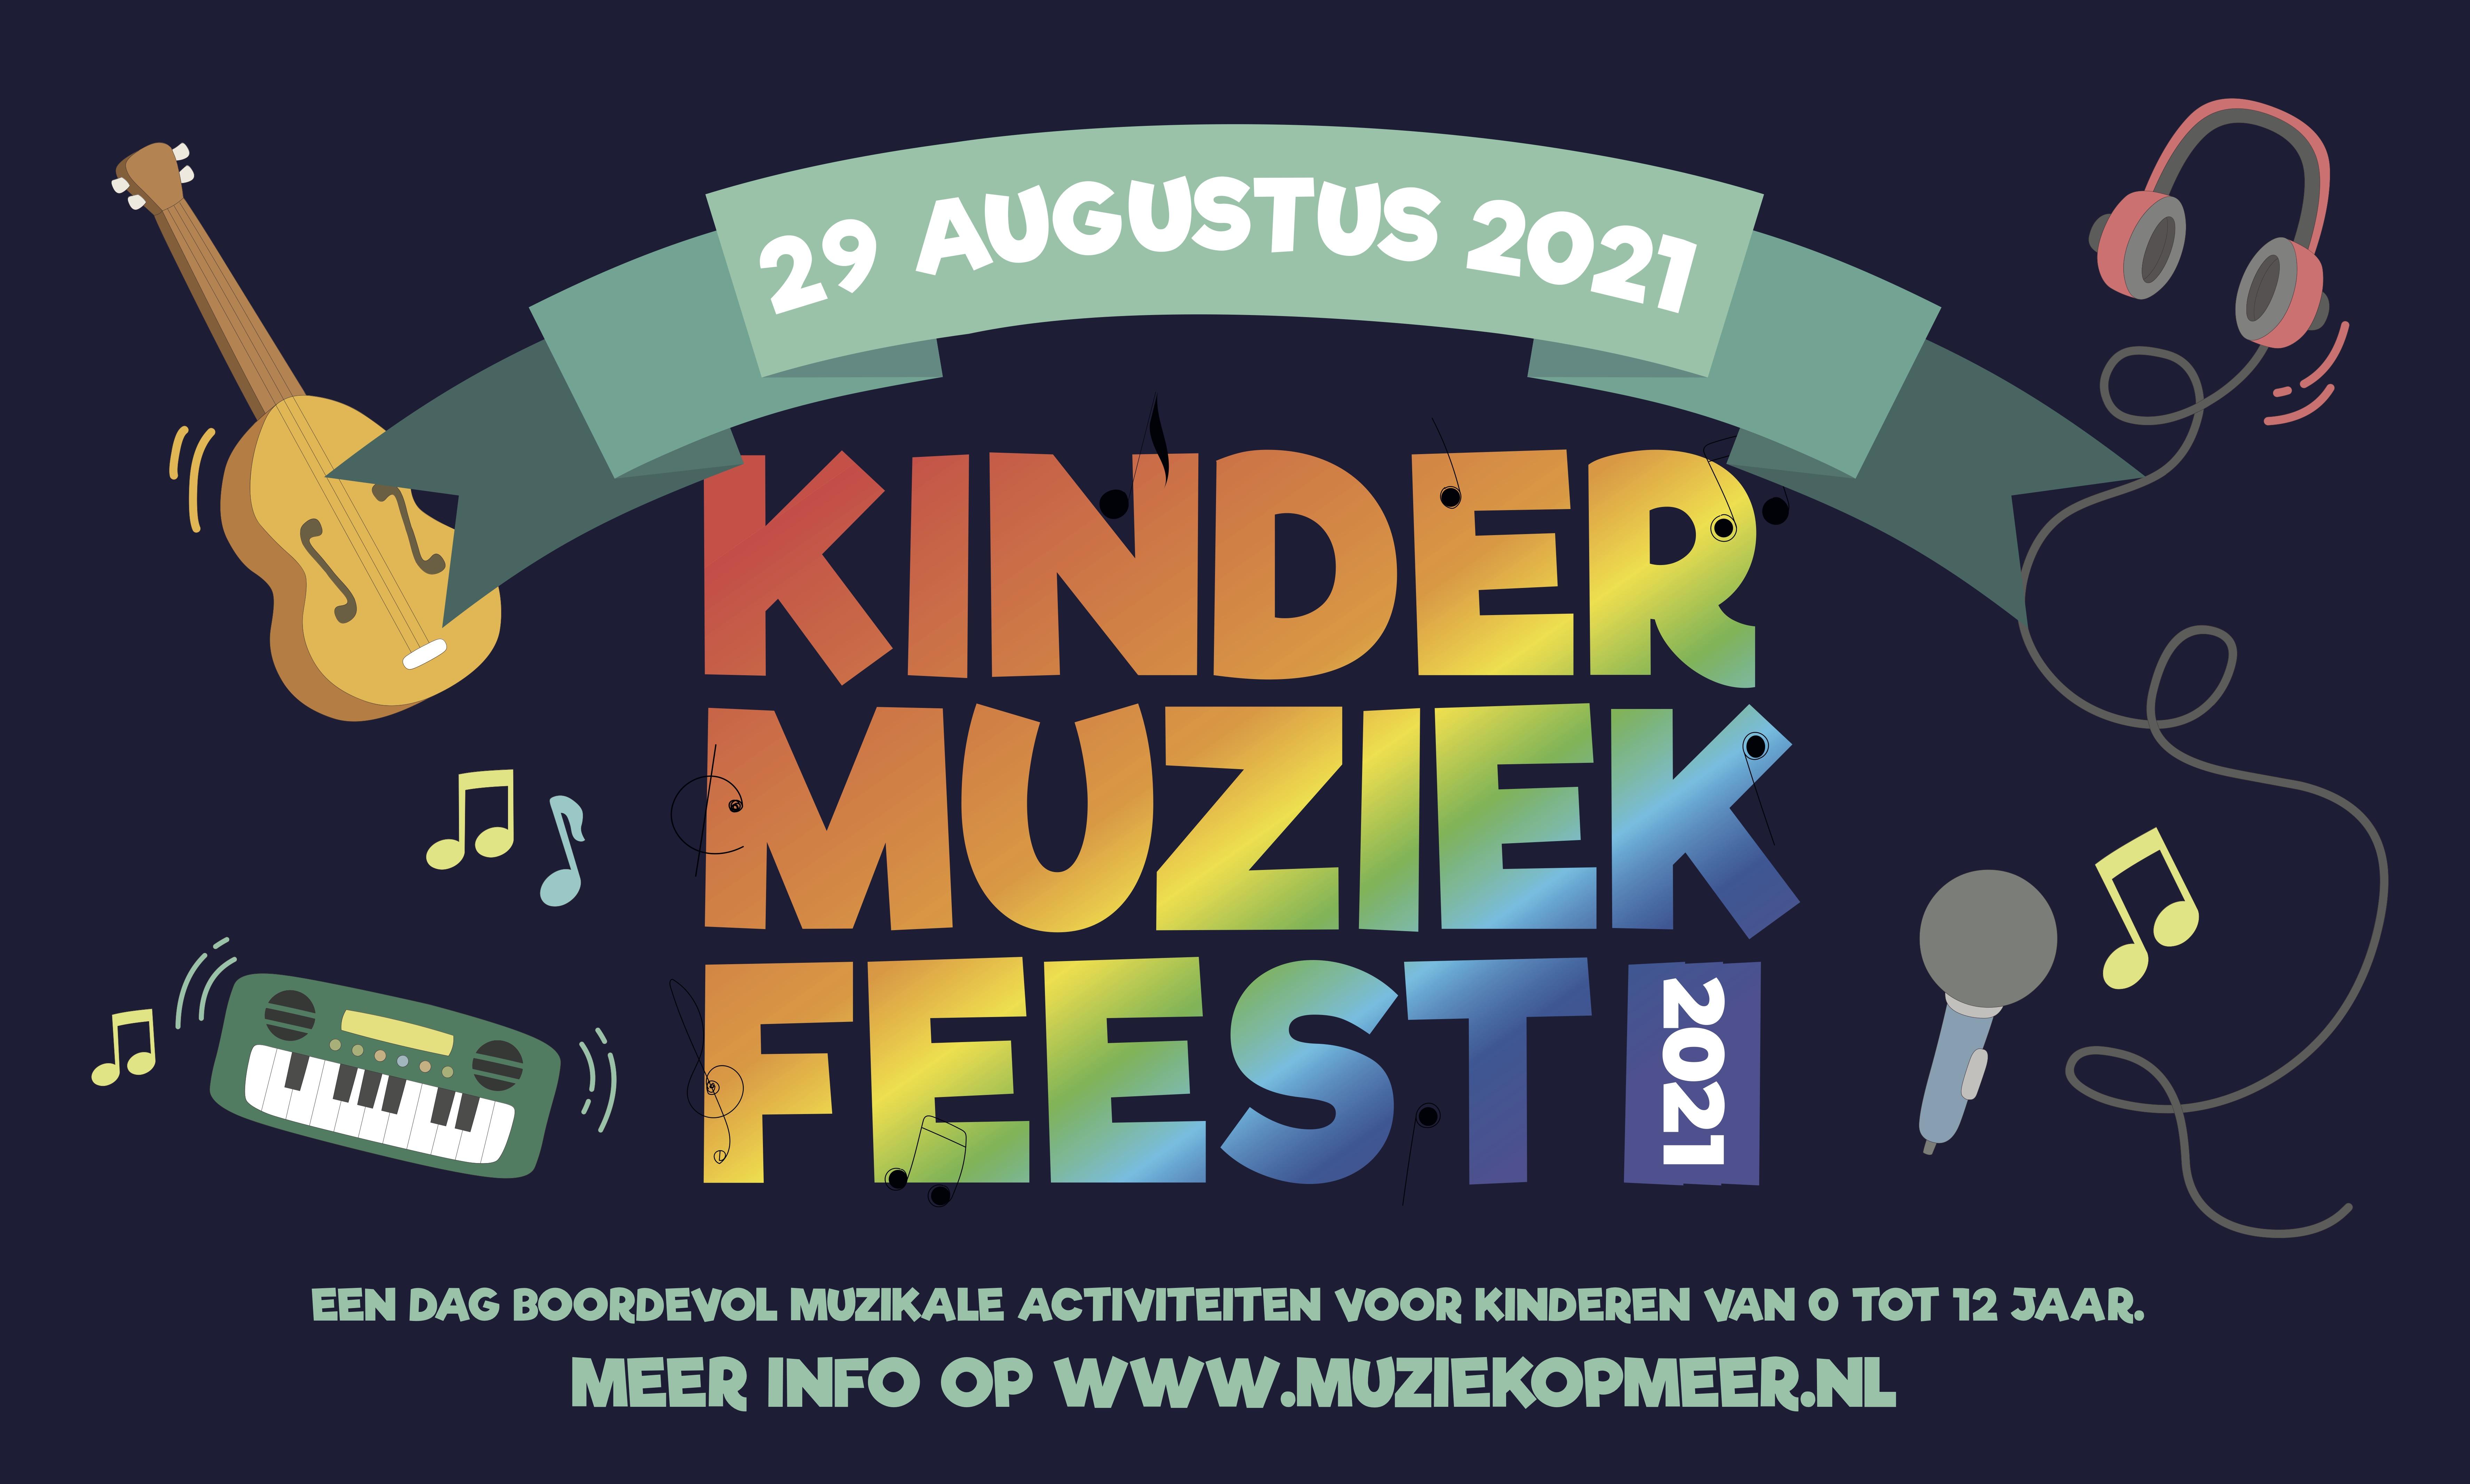 2banner_muziekfeest